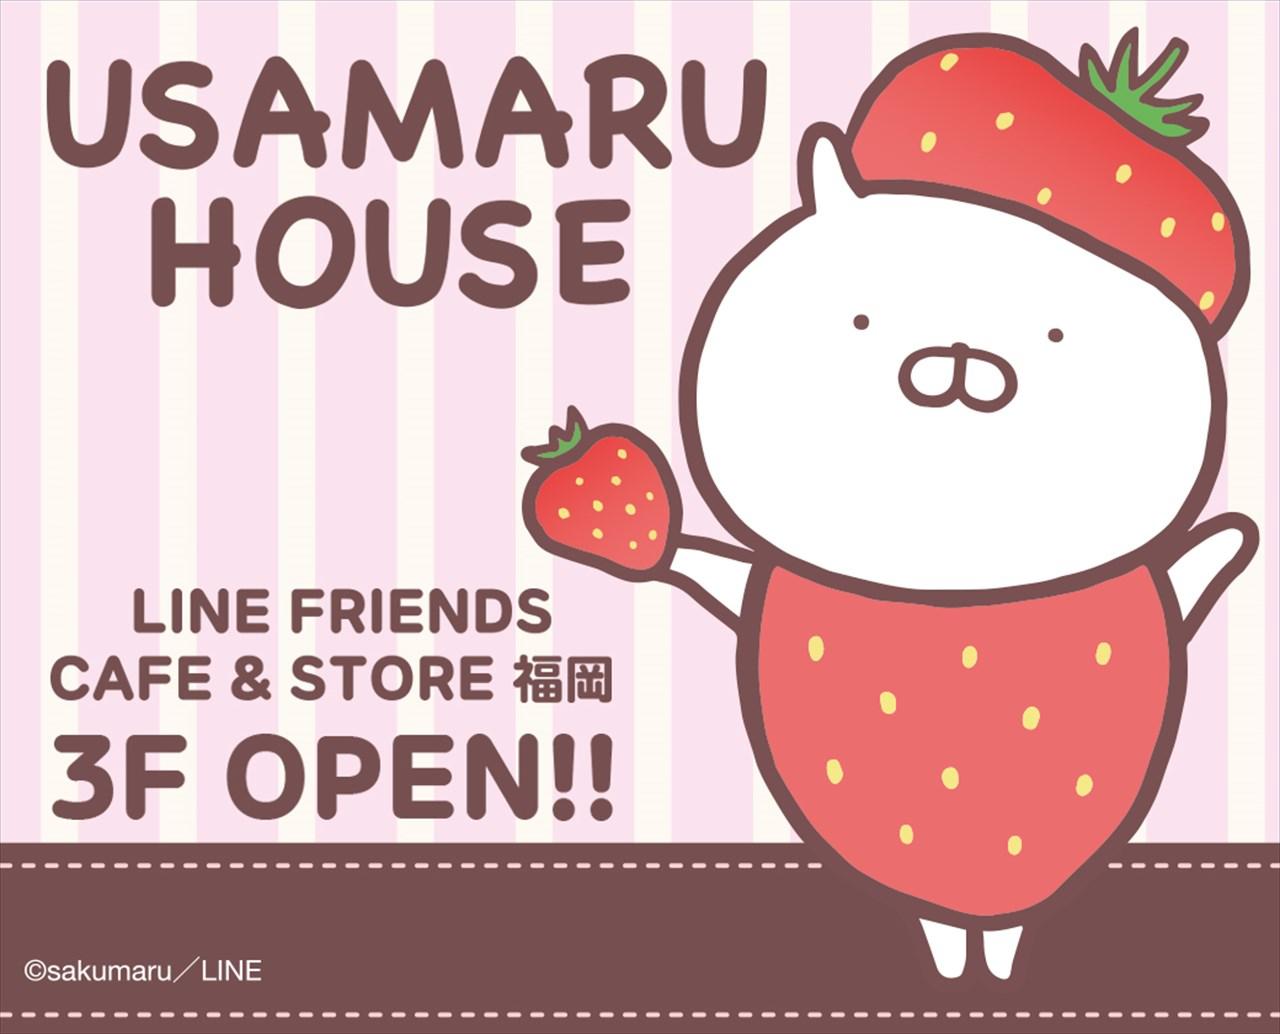 うさまるハウス Usamaru House オープン 公式グッズストアが12 17